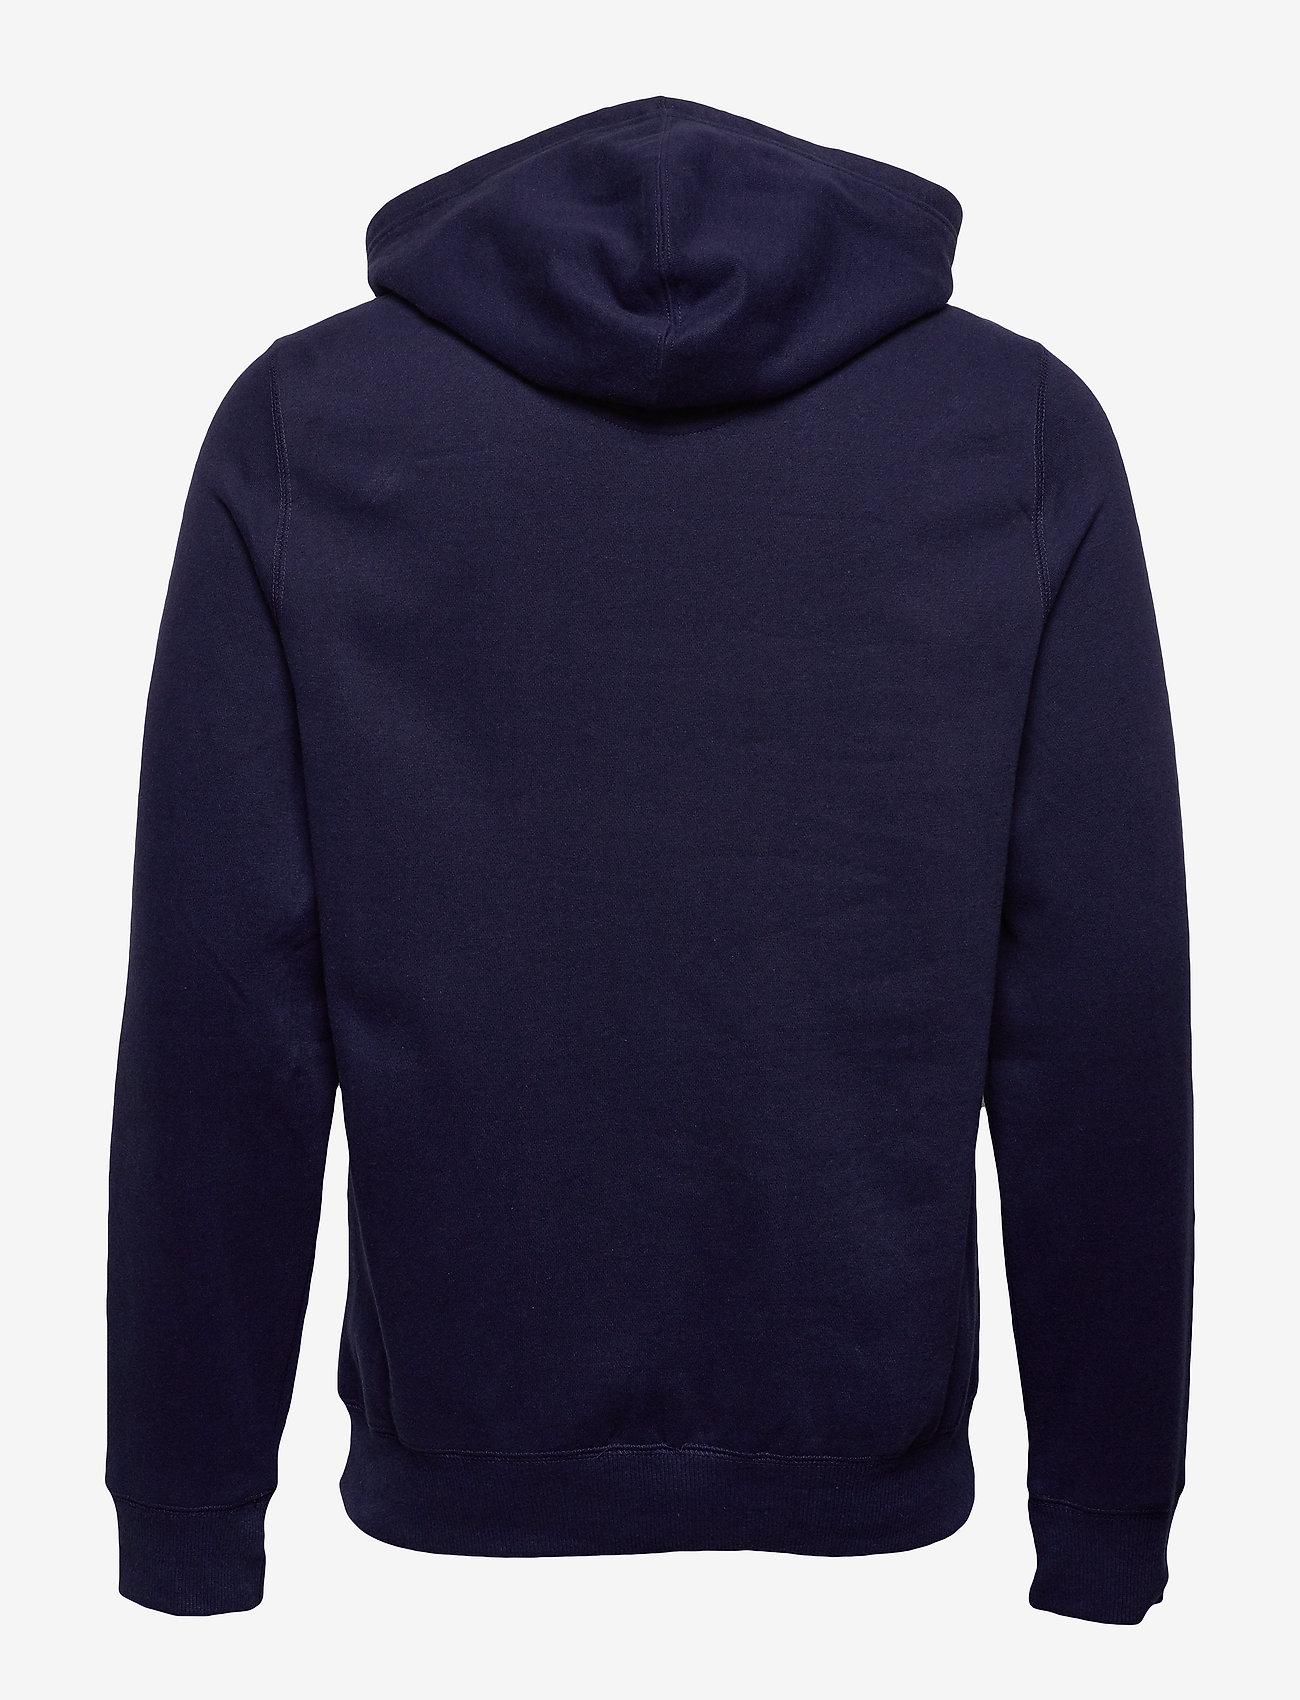 IZOD PRINTED GRAPHIC HOODIE - Sweatshirts PEACOAT - Menn Klær